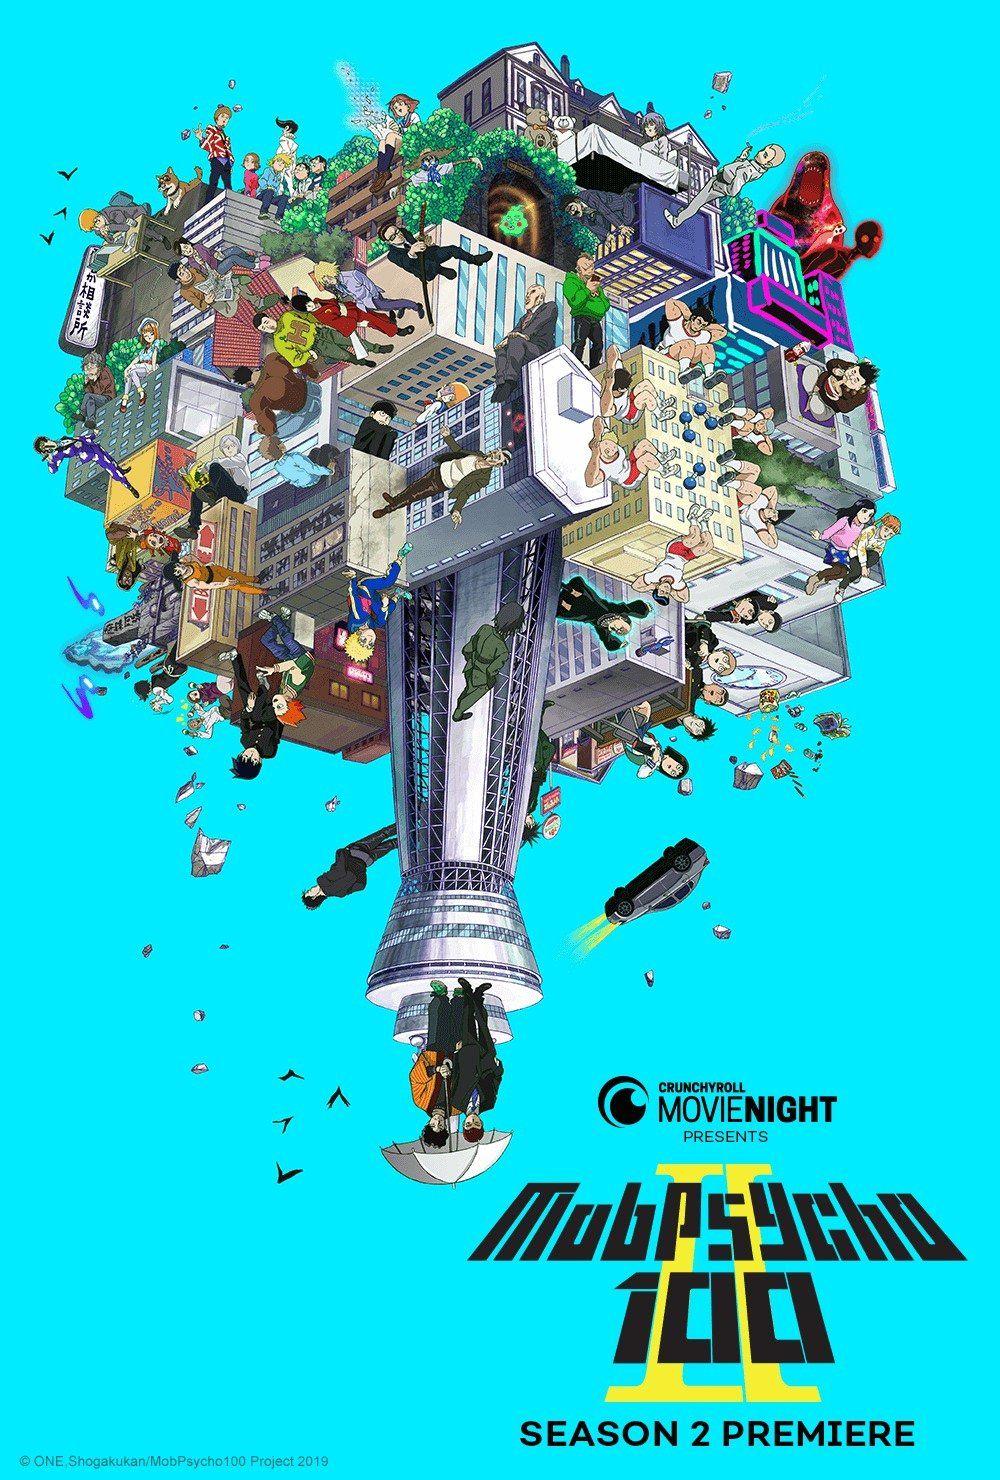 'Mob Psycho 100' Season 2 Is Crunchyroll's First Movie